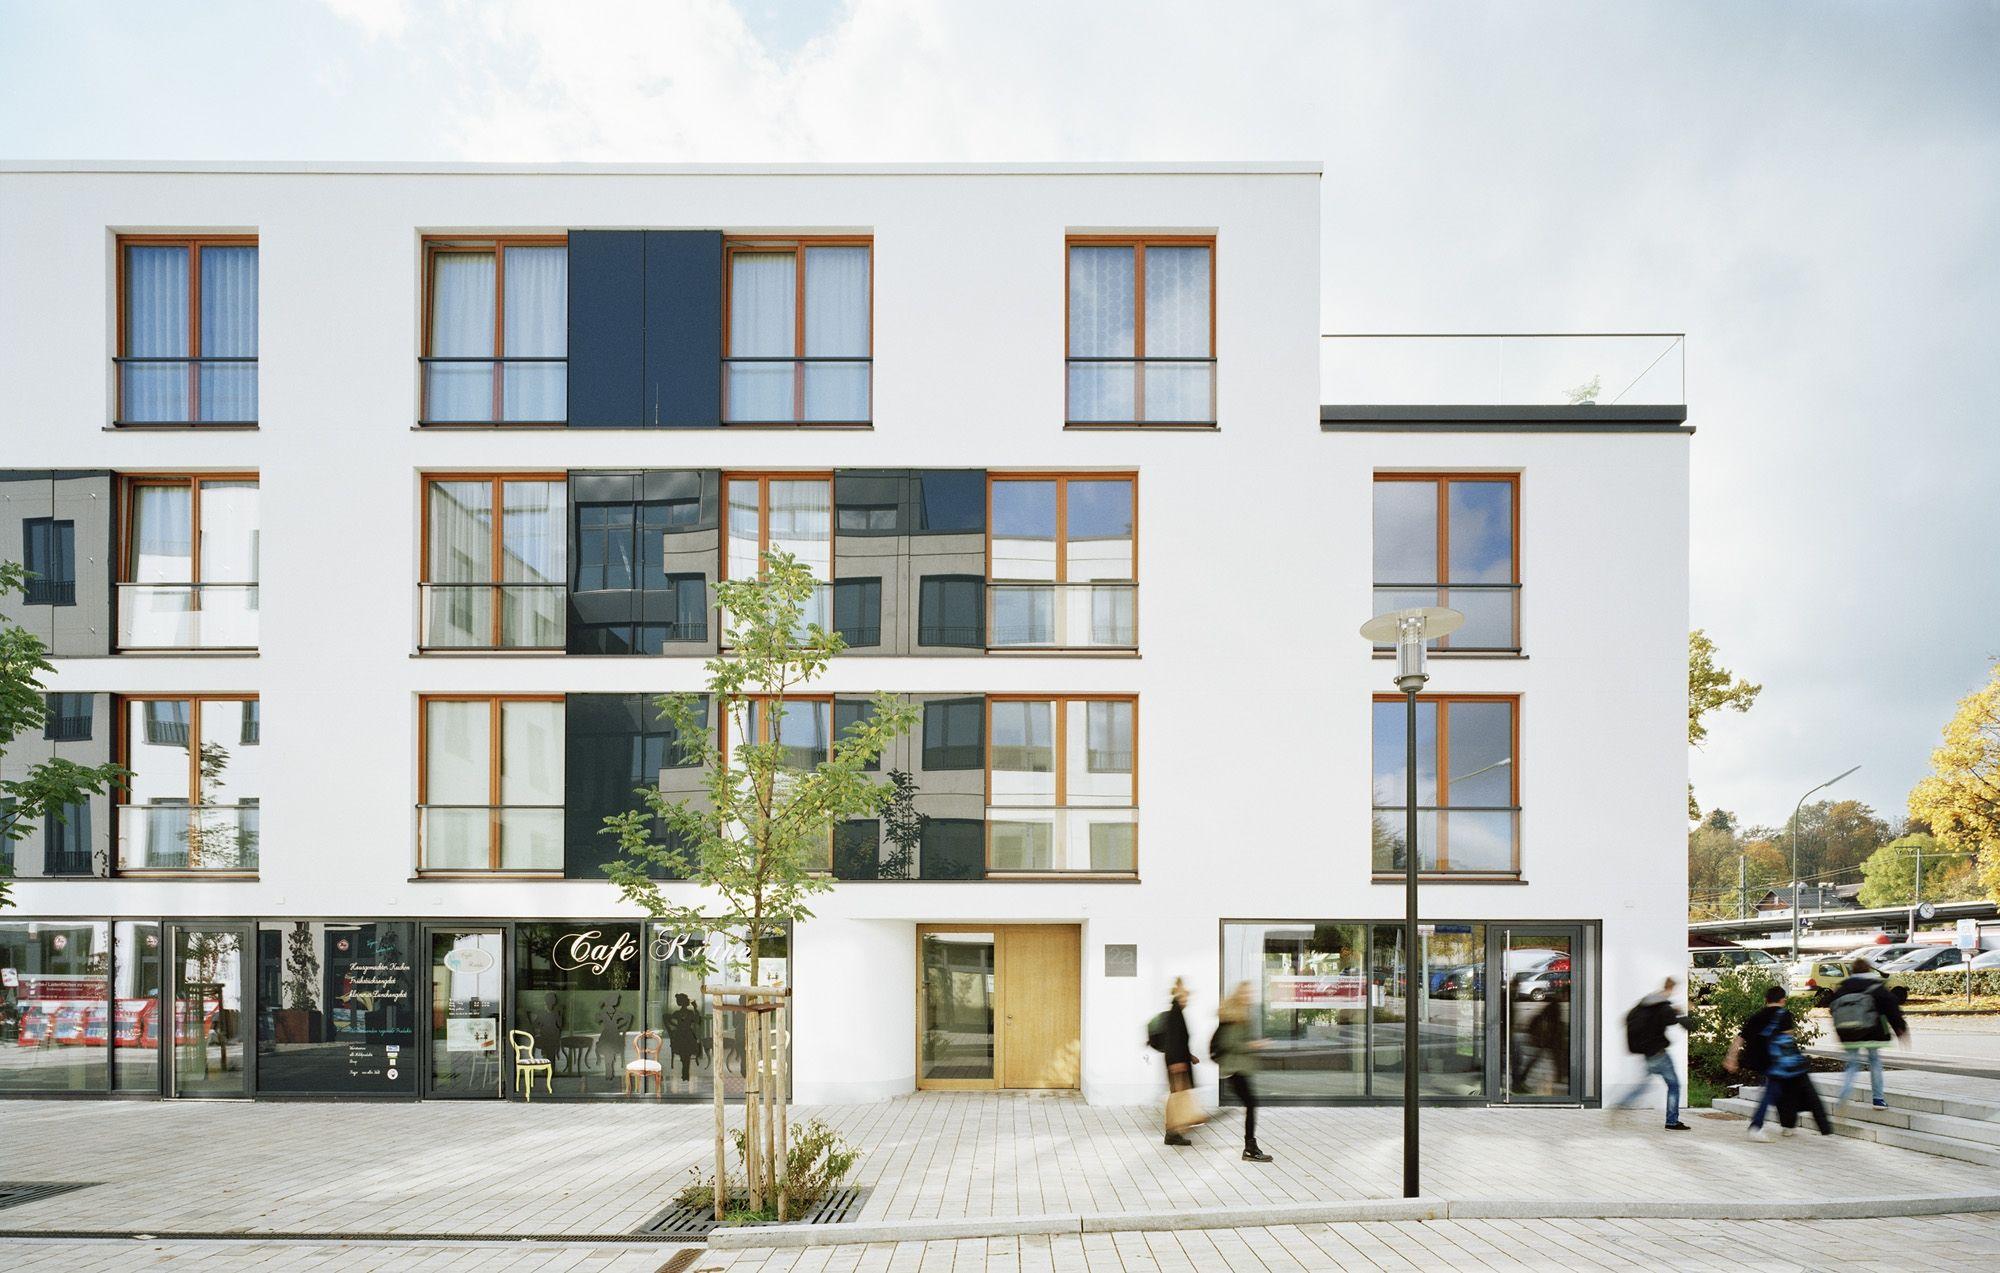 Dorfmüller I Klier Hamburg: Anerkennung Kategorie A: Lakeside Living, KBNK Architekten